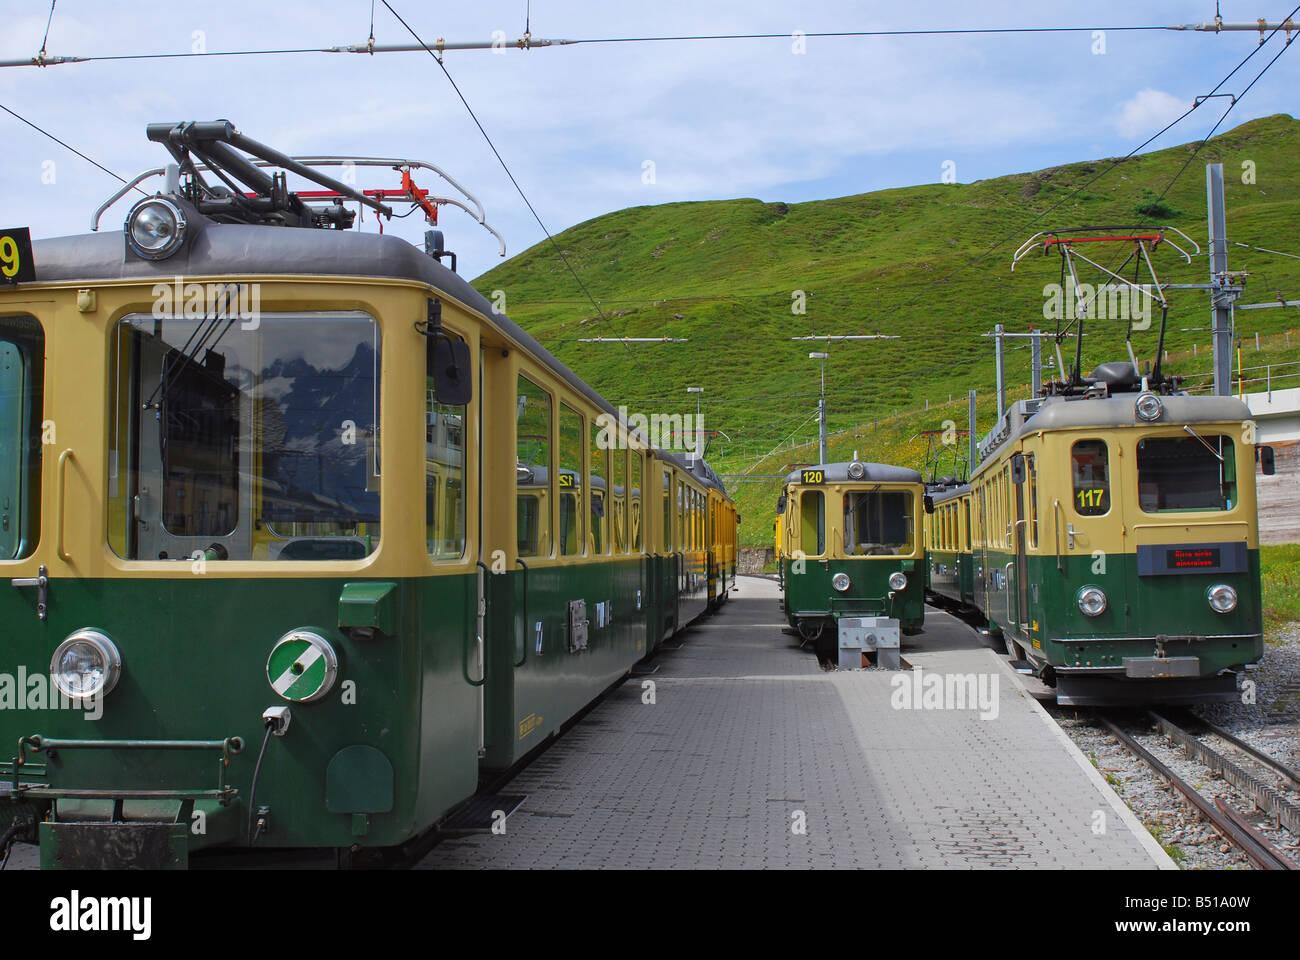 Jungfrau Cog Railway Trains in Kleine Scheidegg Switzerland - Stock Image